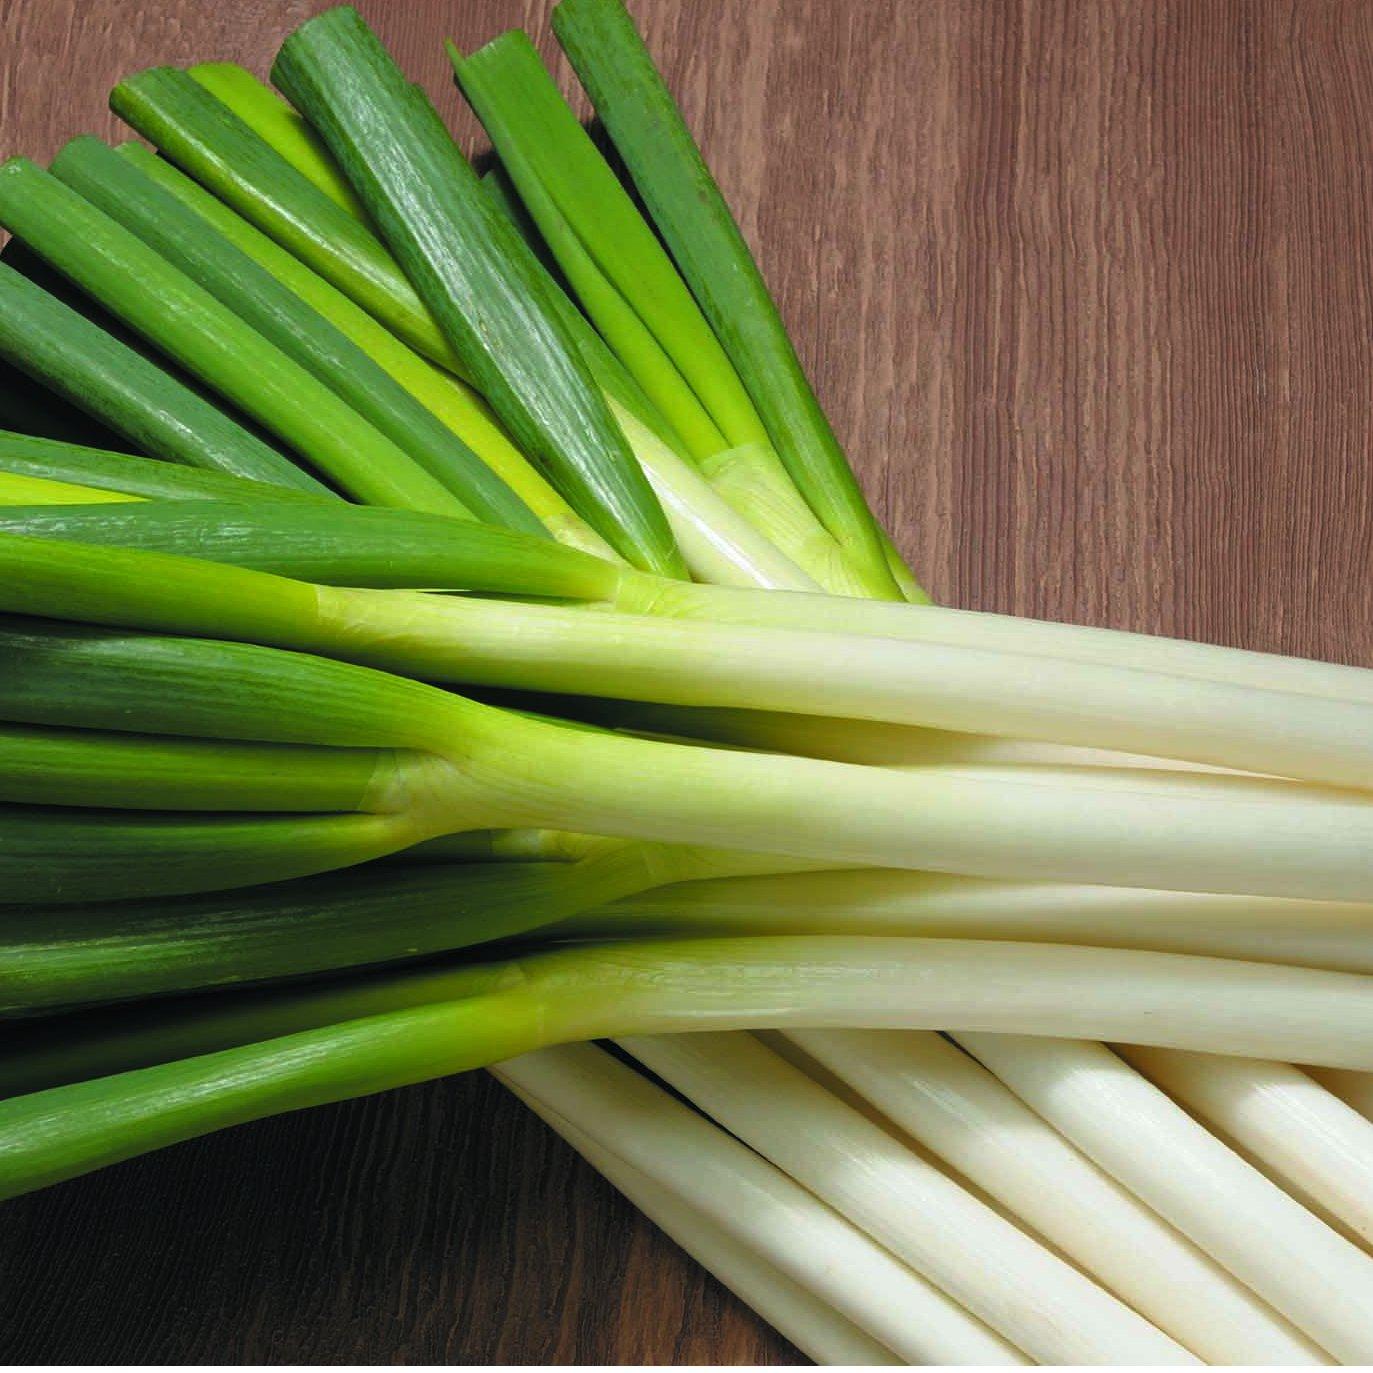 11月から2月が旬!冬に食べたい長ネギを使ったあったかレシピ集のサムネイル画像